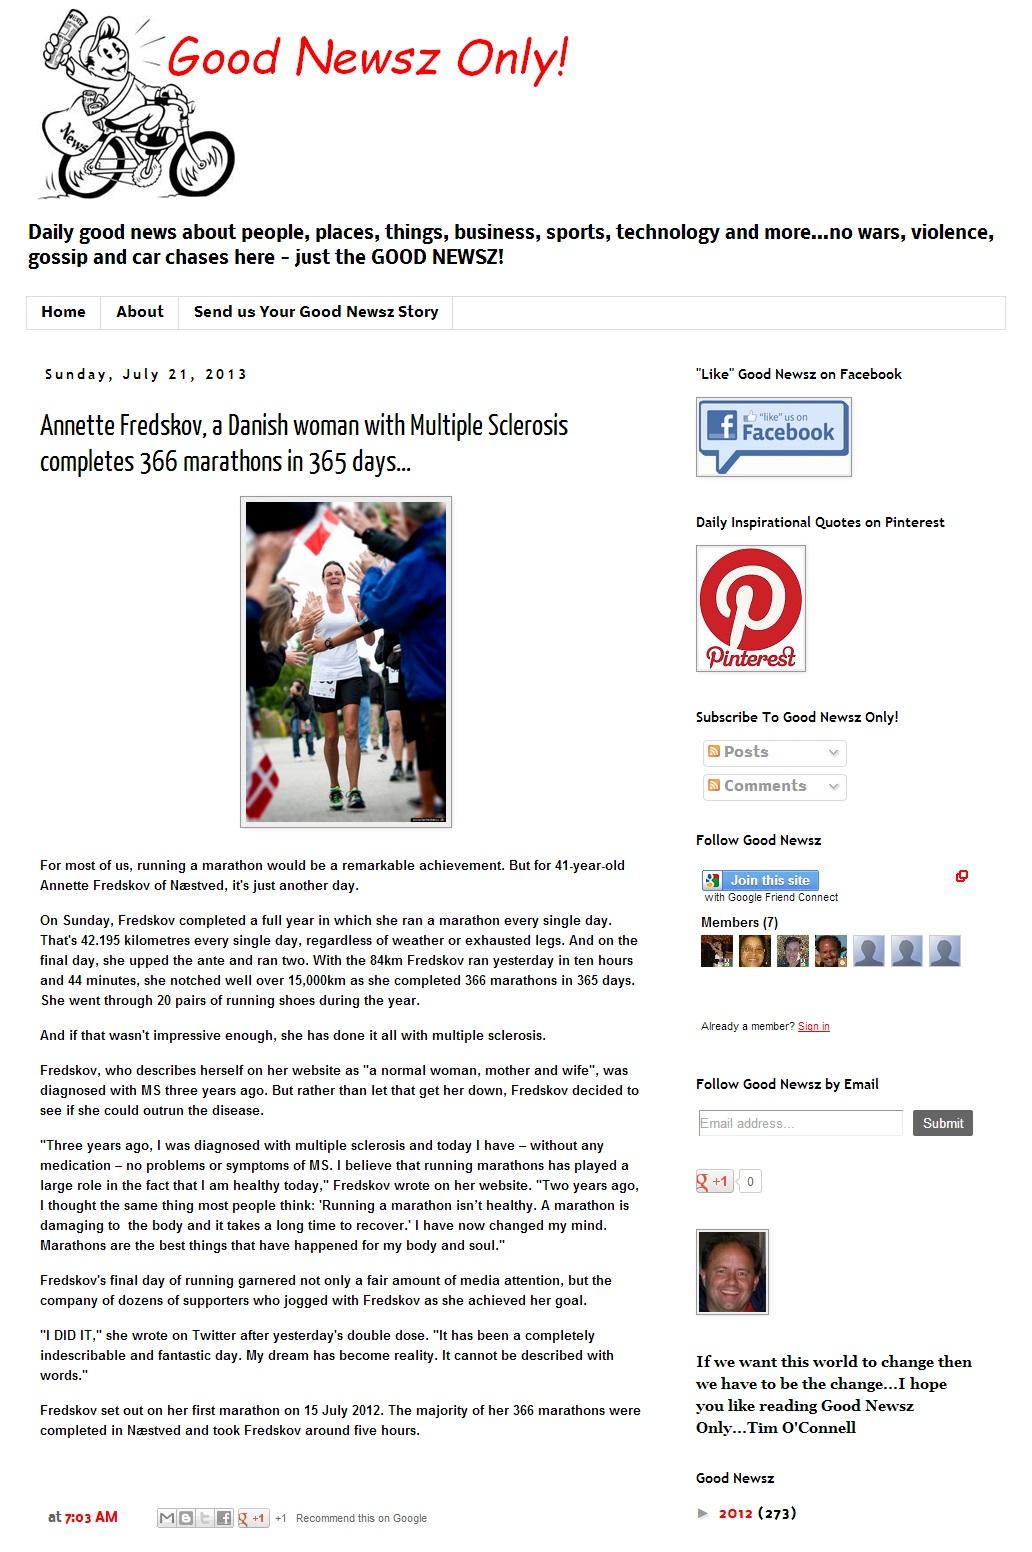 goodnewszonly.blogspot.dk 2013.07.21